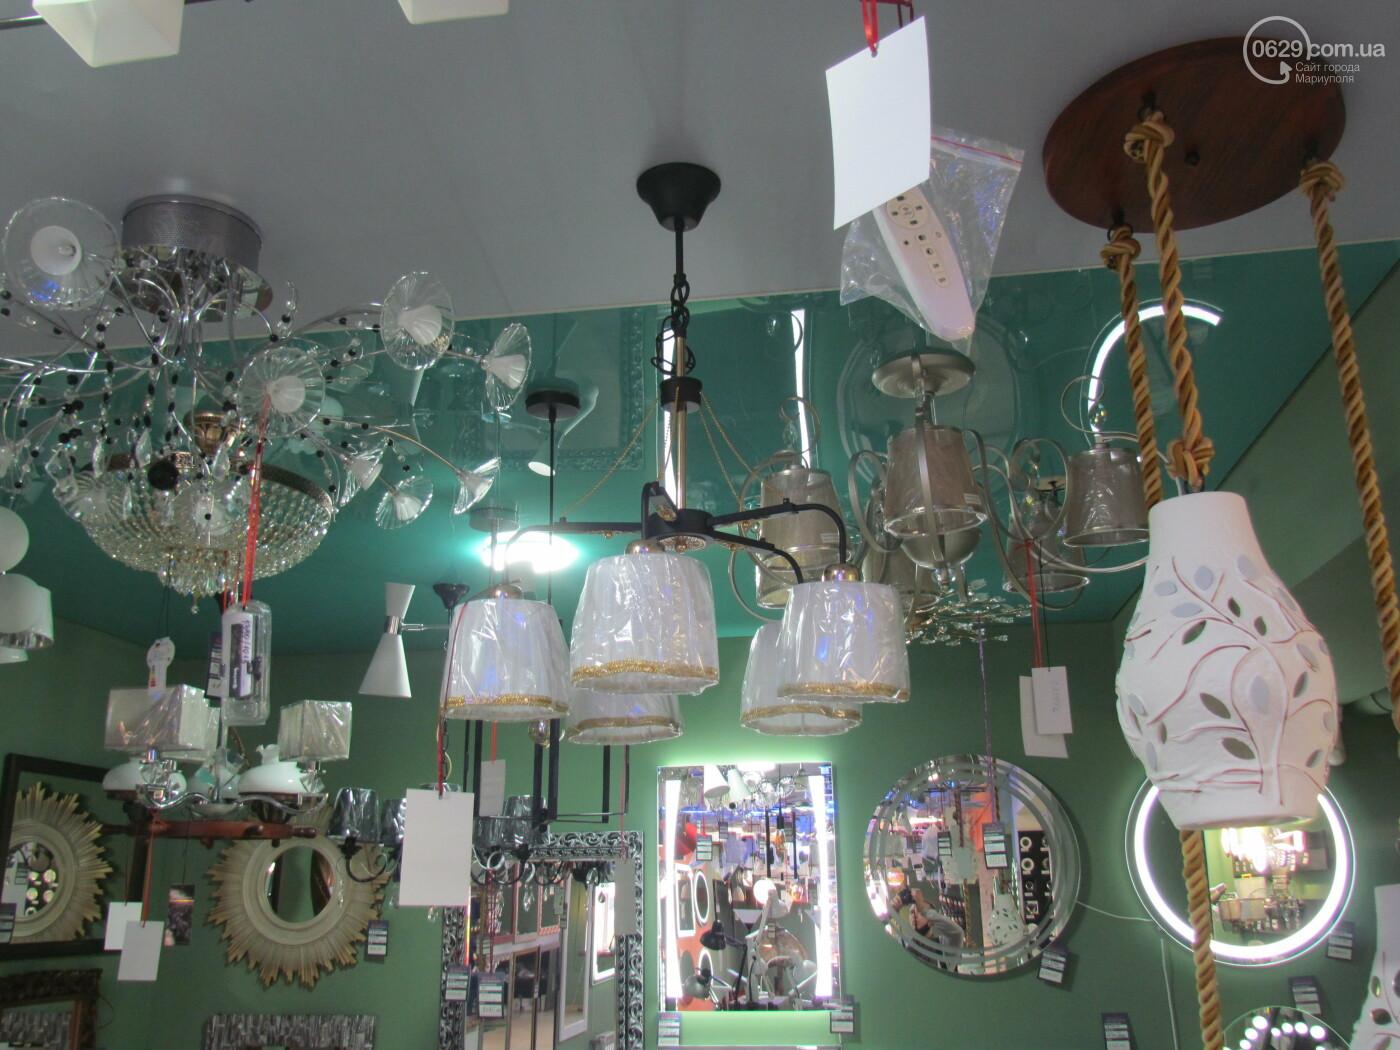 """Люстры, светильники, зеркала в современном дизайне! Более 1000 видов в салоне """"Mirall"""", фото-3"""